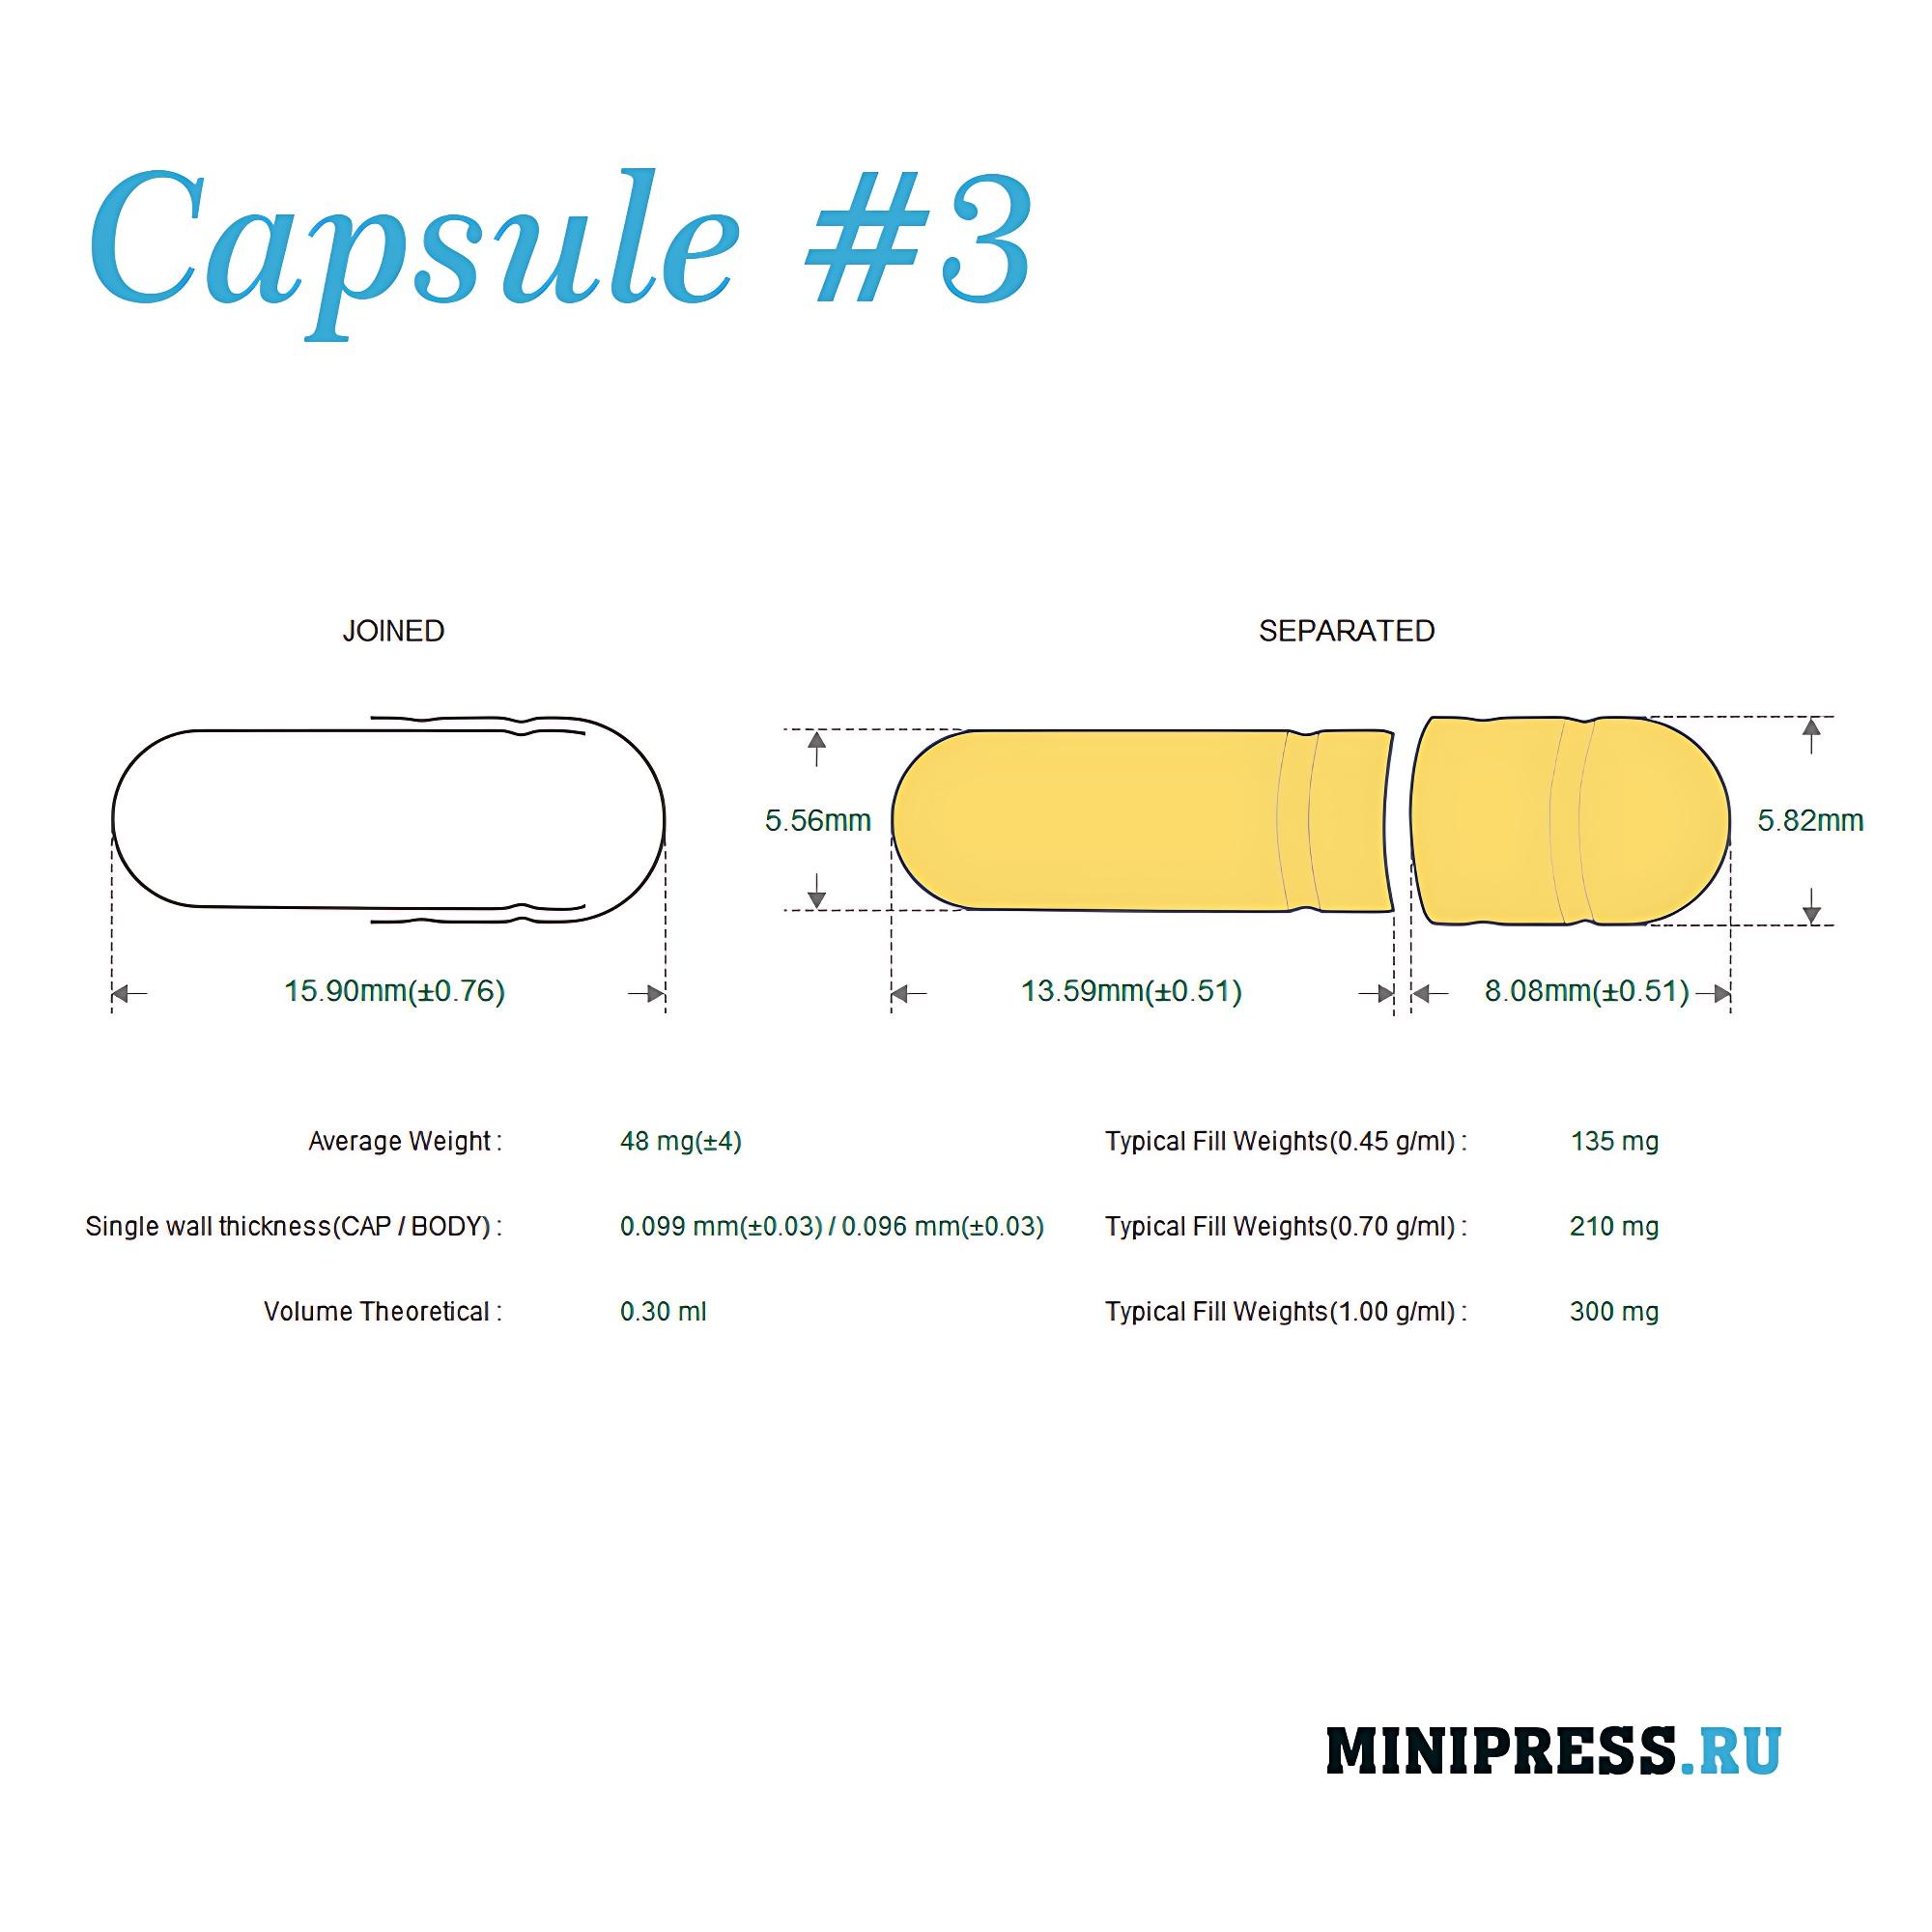 Оборудование для капсулирования в твердые желатиновые капсулы